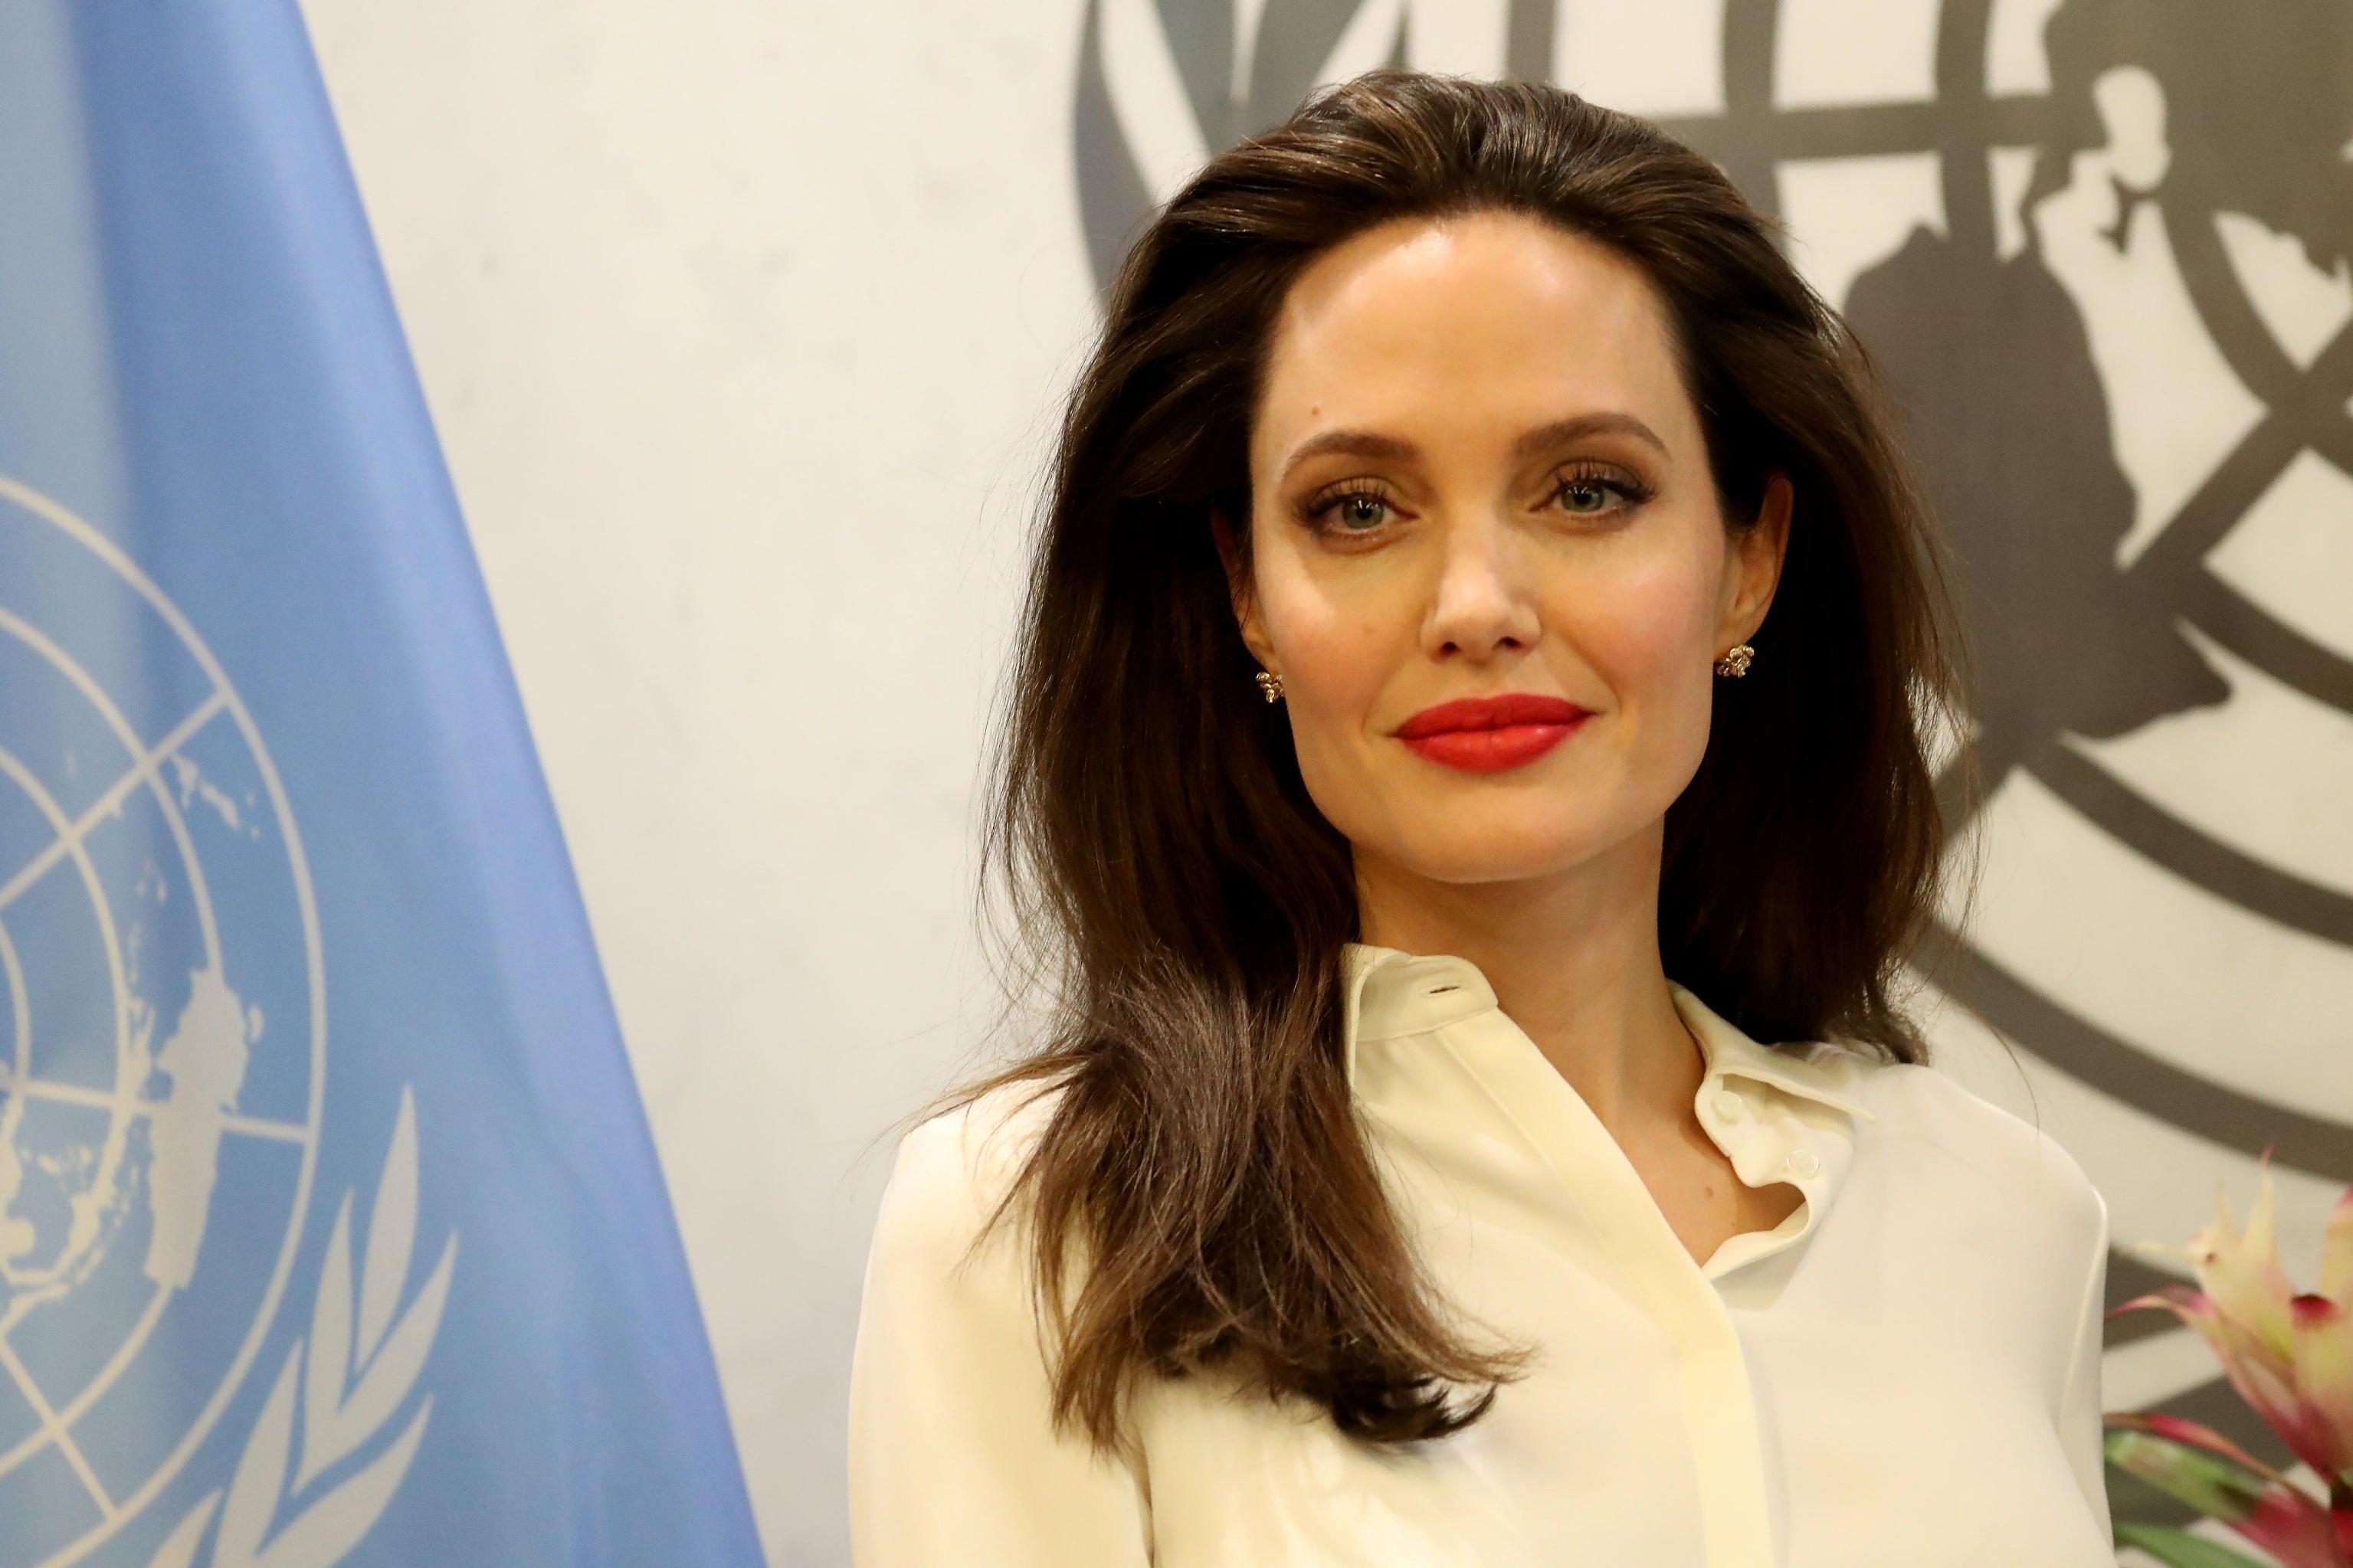 Jolie denuncia, violenza sessuale è arma